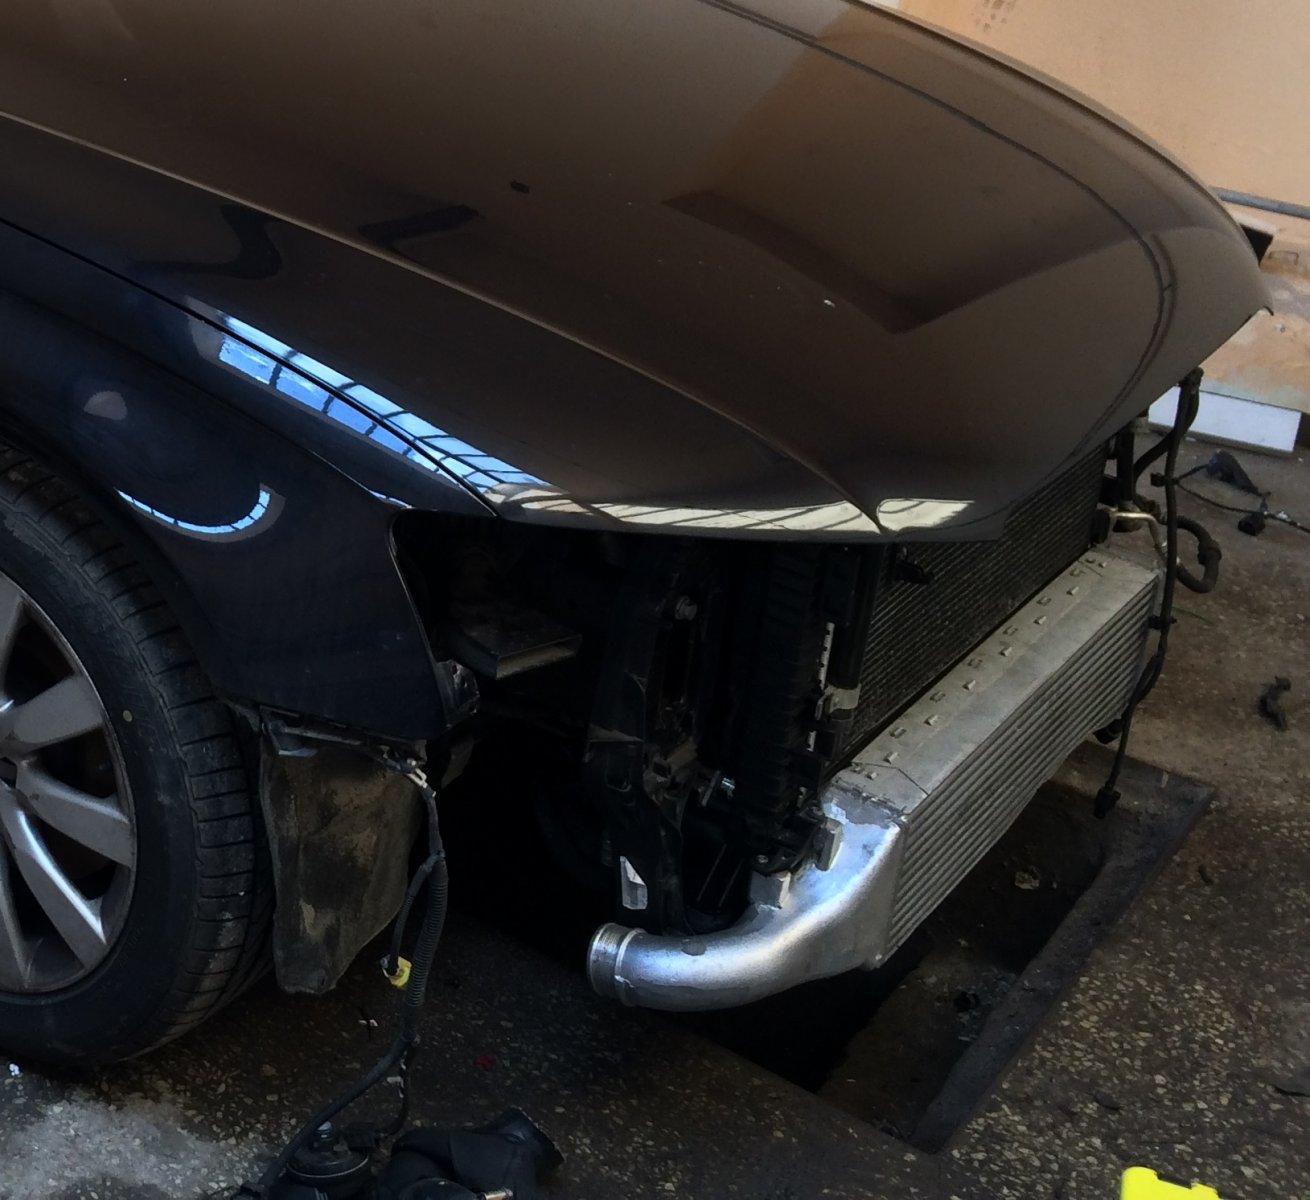 Audi a6 klub polska tuning jakie to auto propozycja zabawy - Wiecej Pytan Pw